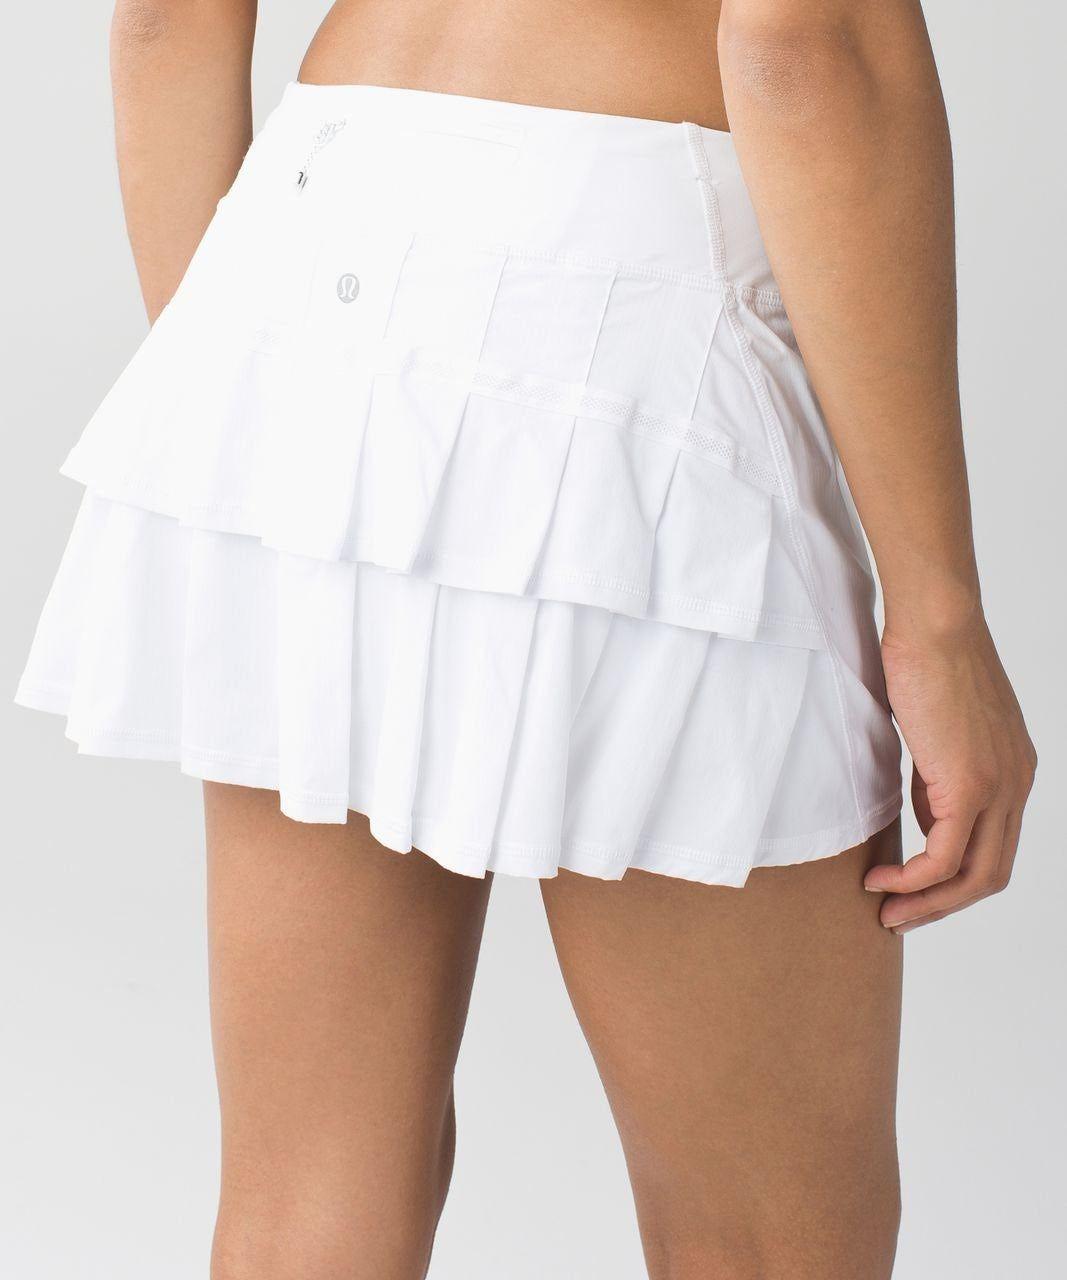 Lululemon Pace Setter Skirt White On Mercari Lululemon Outfits Tennis Skirt Outfit Lululemon Skirt